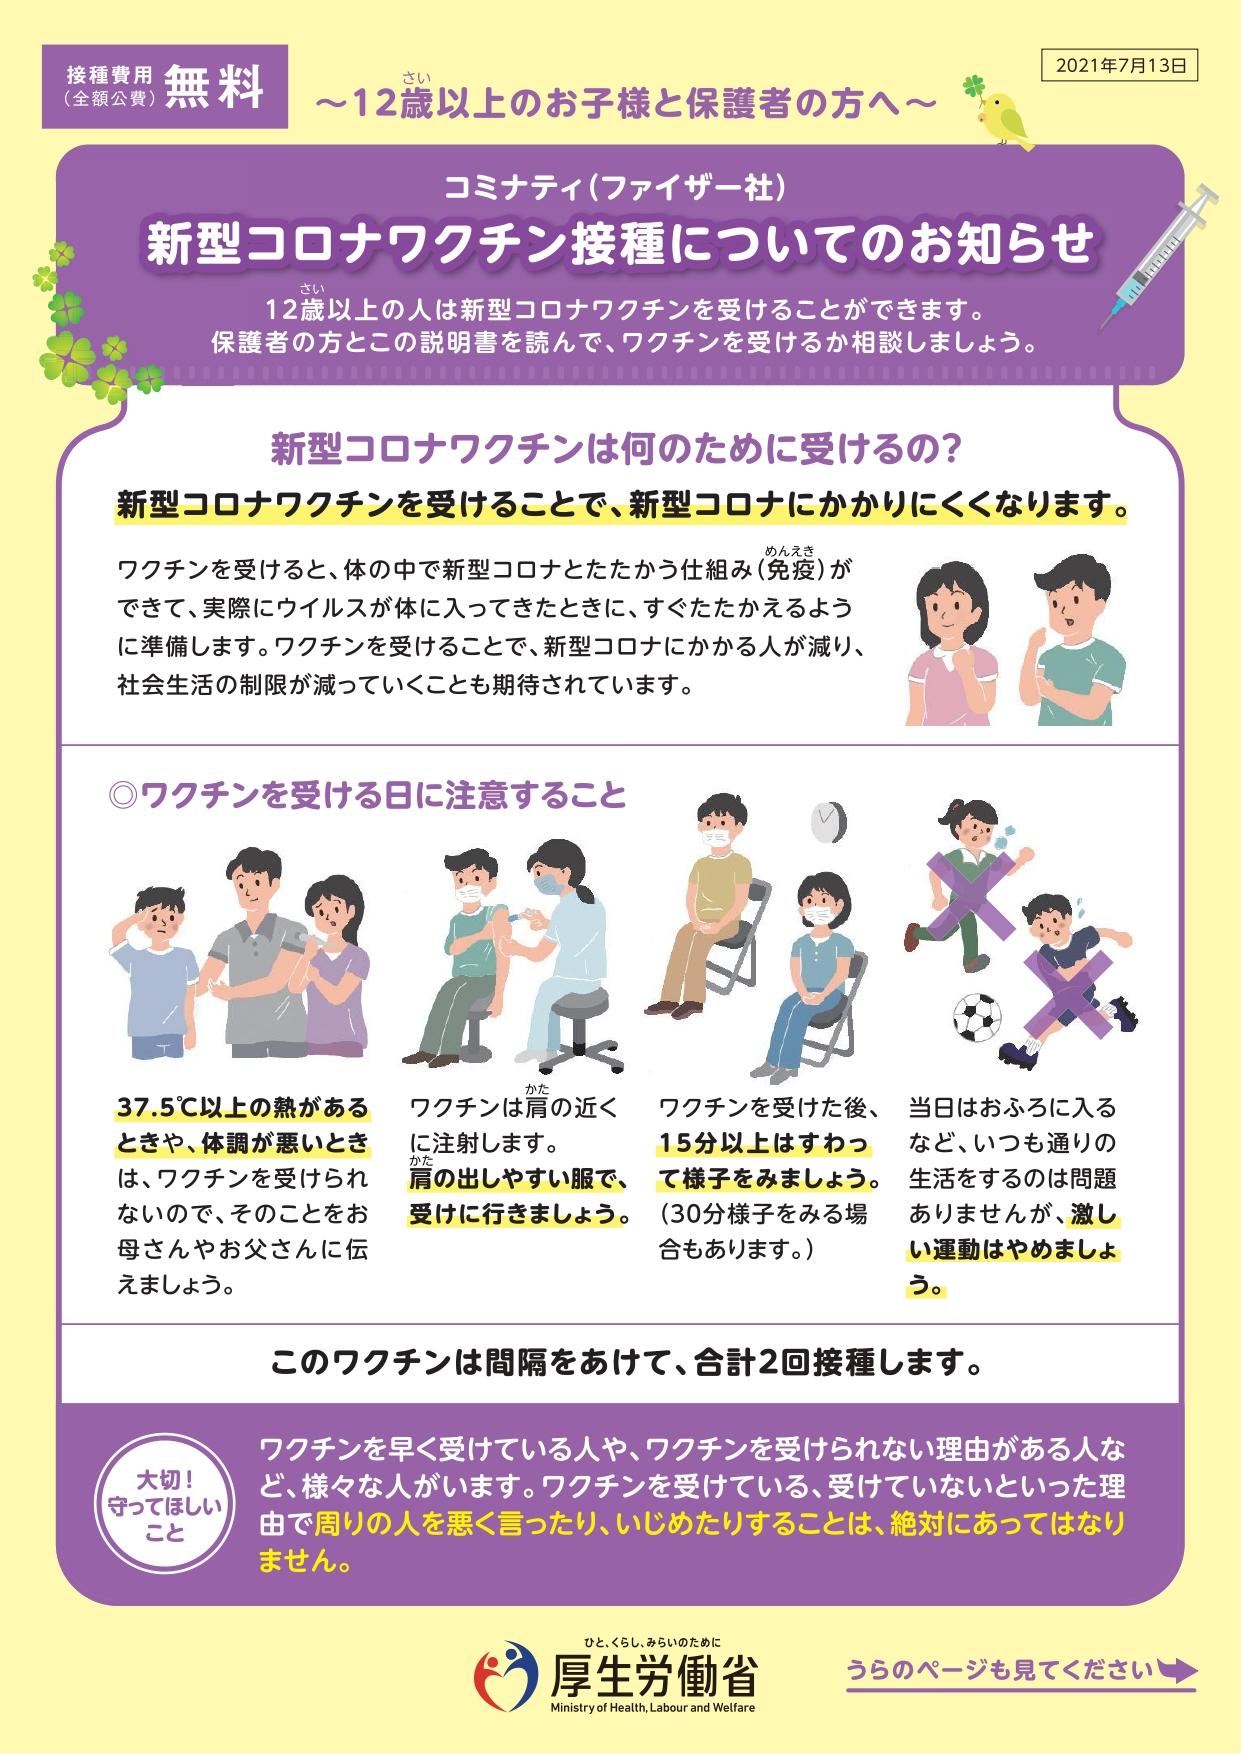 12歳以上のお子様と保護者のかたへコミナティ(ファイザー社)新型コロナワクチン接種についてのお知らせ(表)